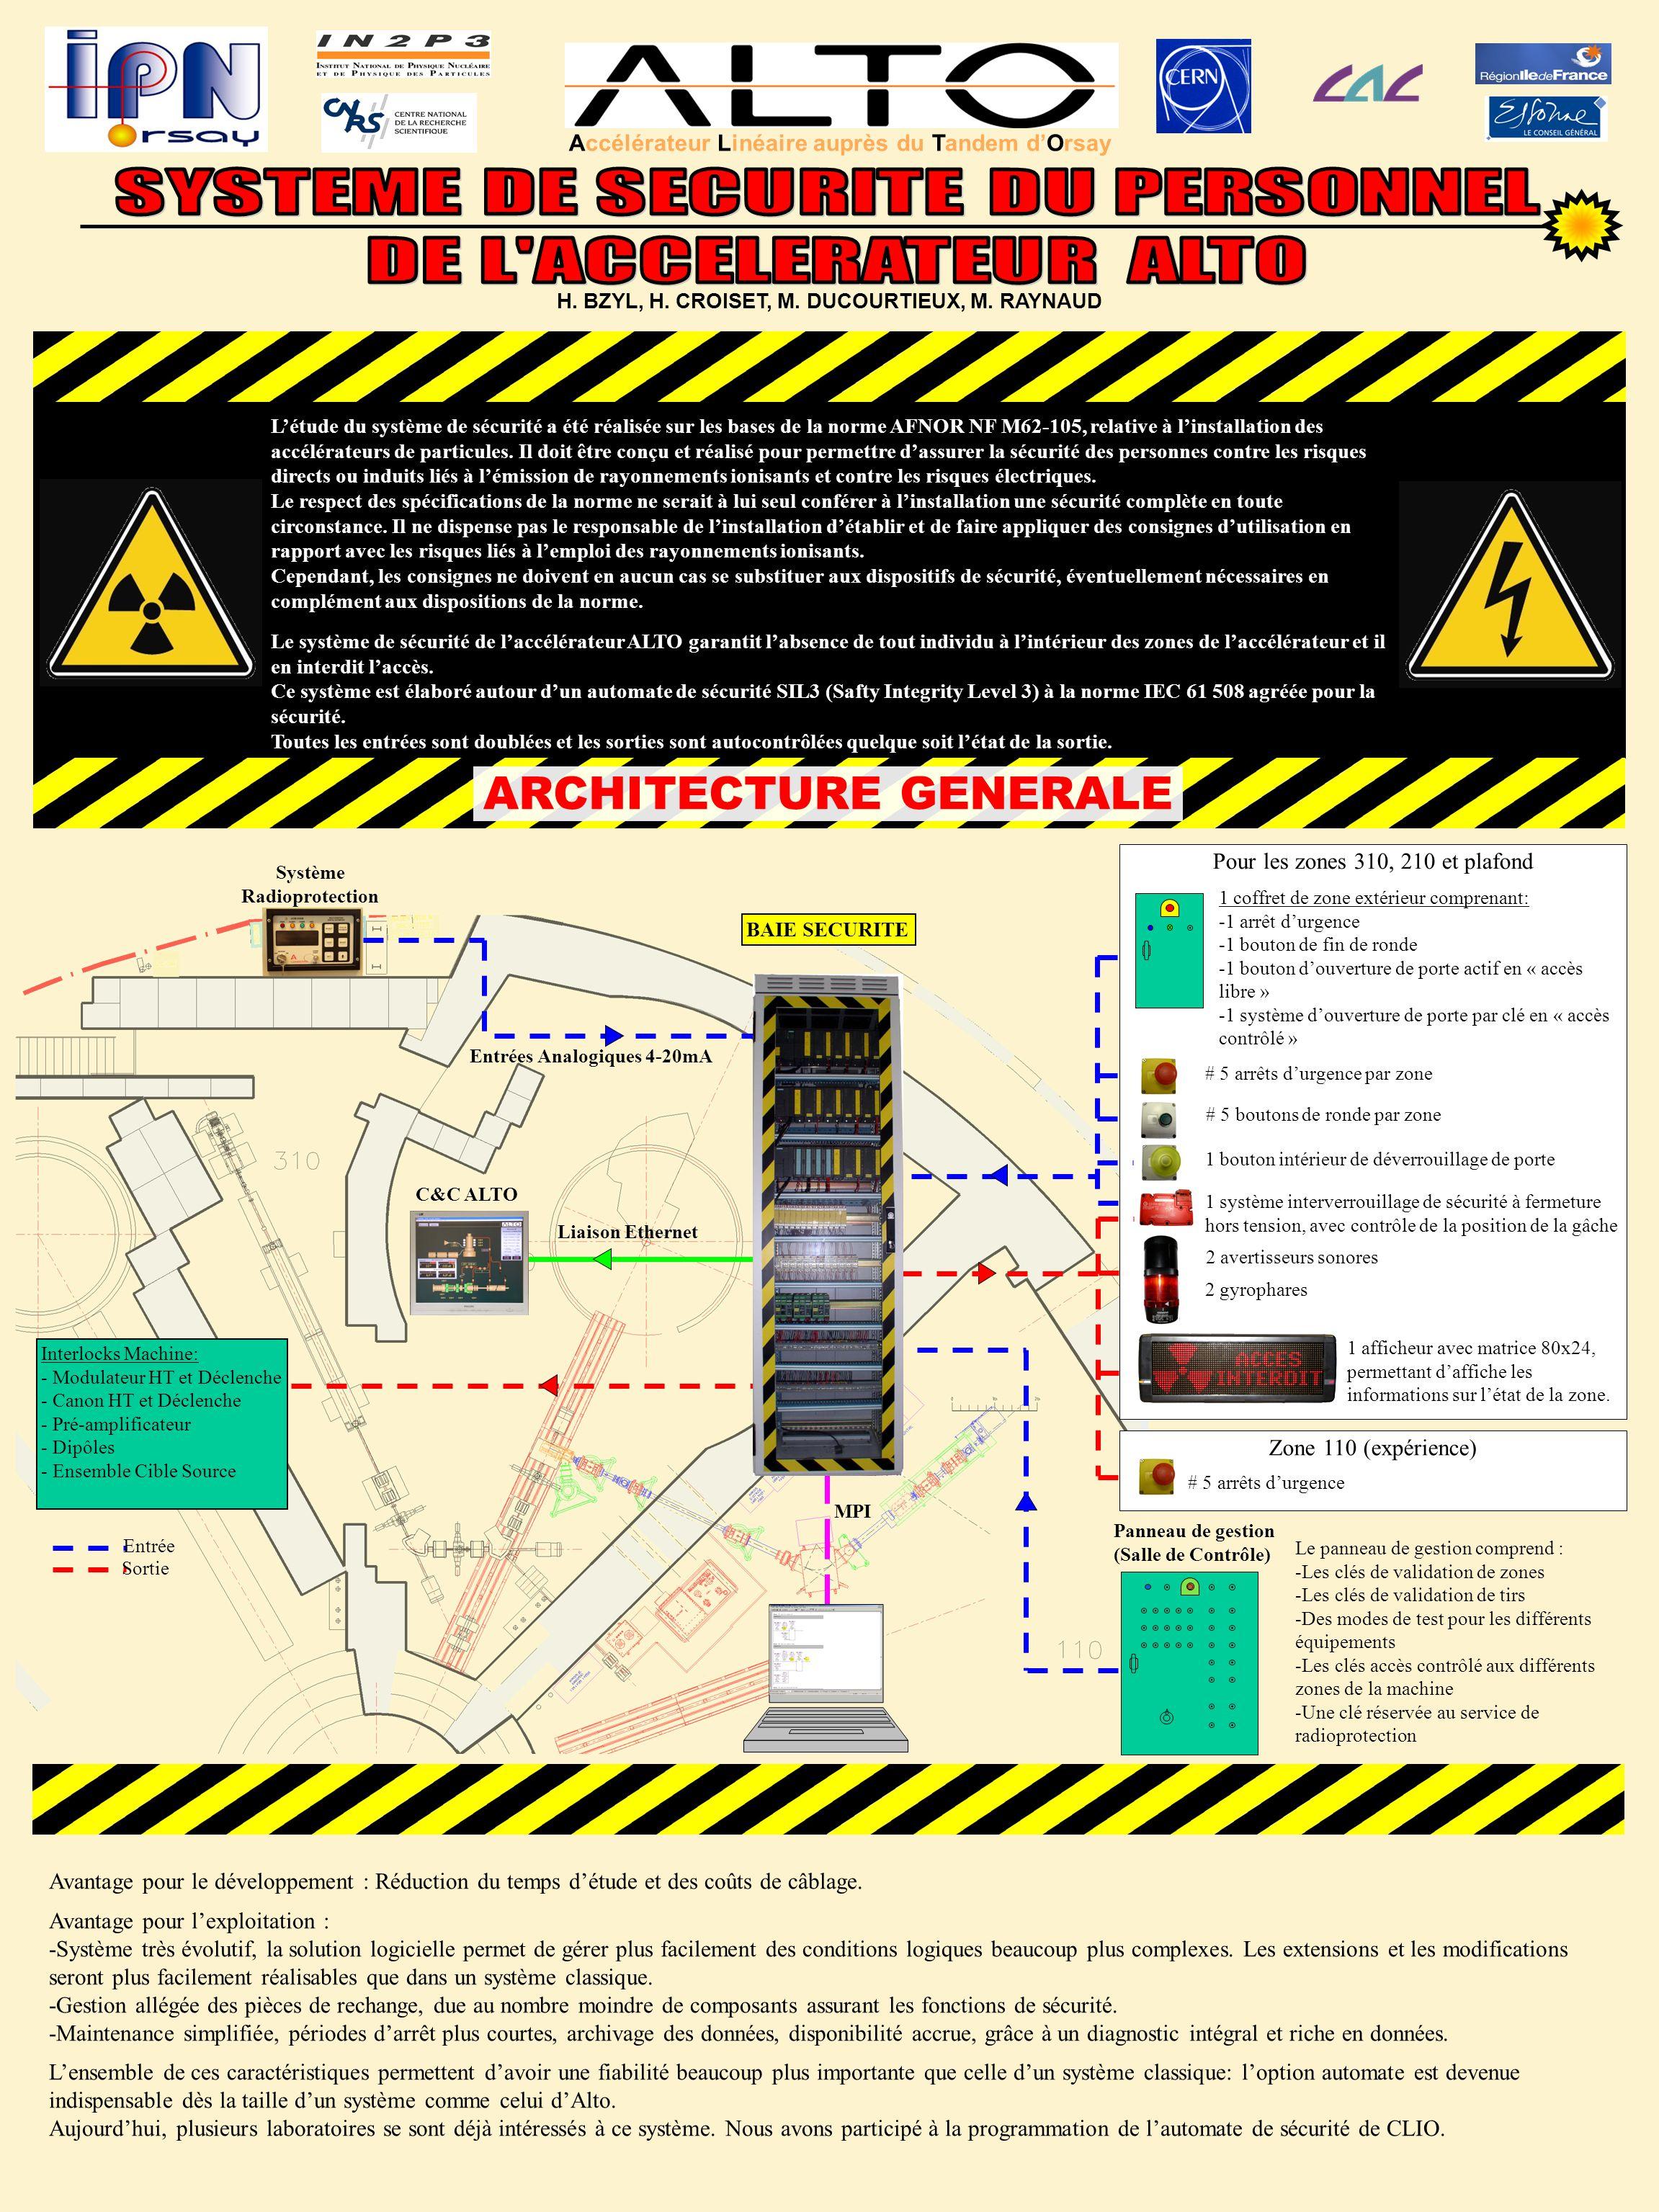 ARCHITECTURE GENERALE H. BZYL, H. CROISET, M. DUCOURTIEUX, M. RAYNAUD Létude du système de sécurité a été réalisée sur les bases de la norme AFNOR NF